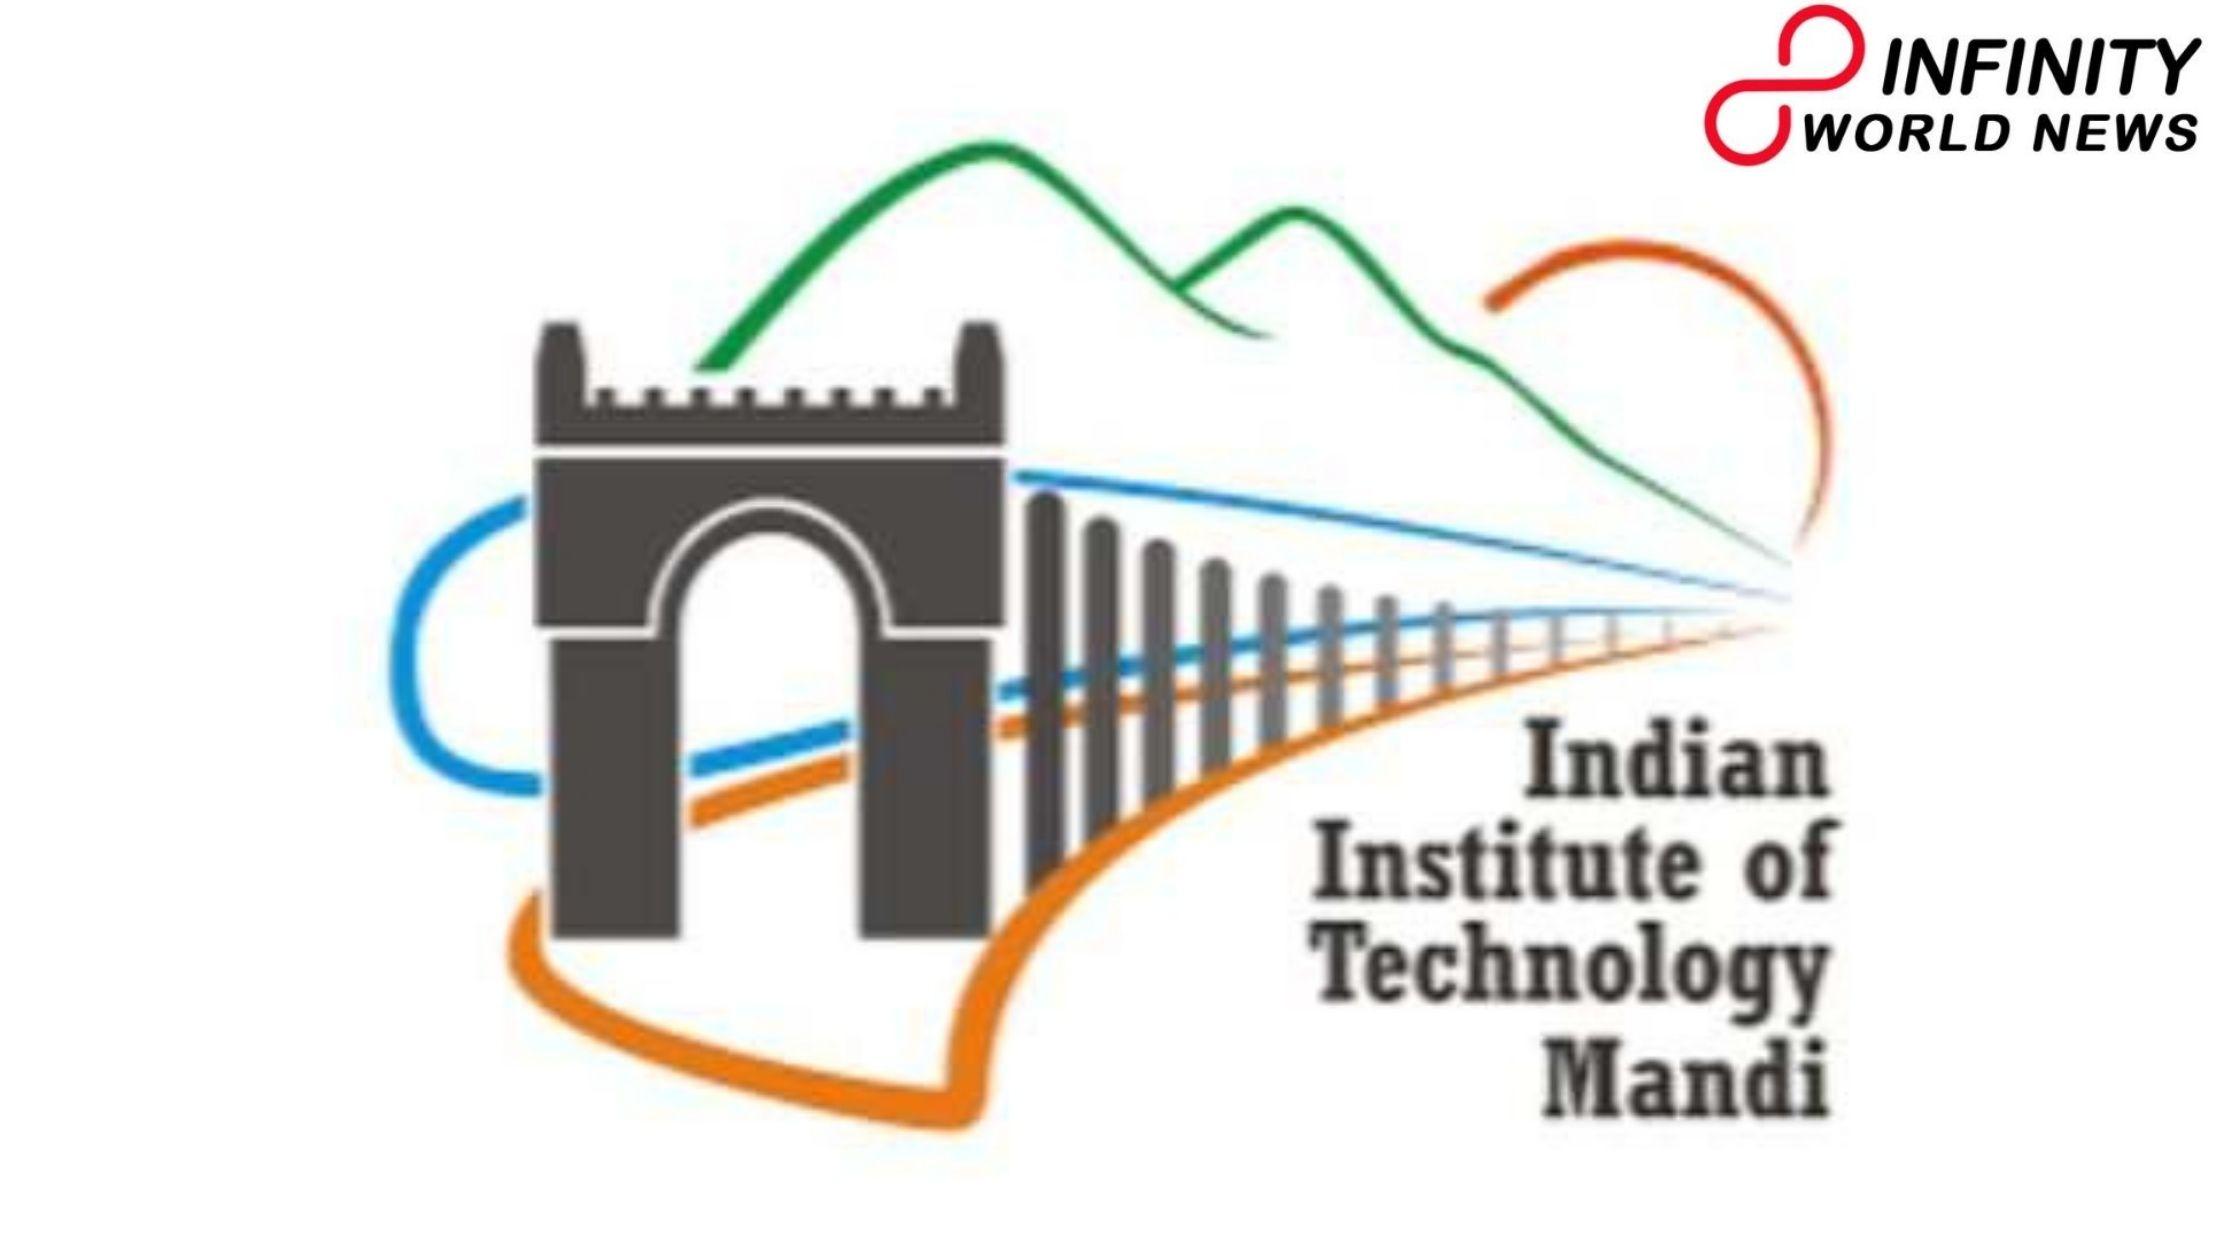 IIT Mandi creates LakshmanRekha, an AI-driven home quarantine management application for Covid patients